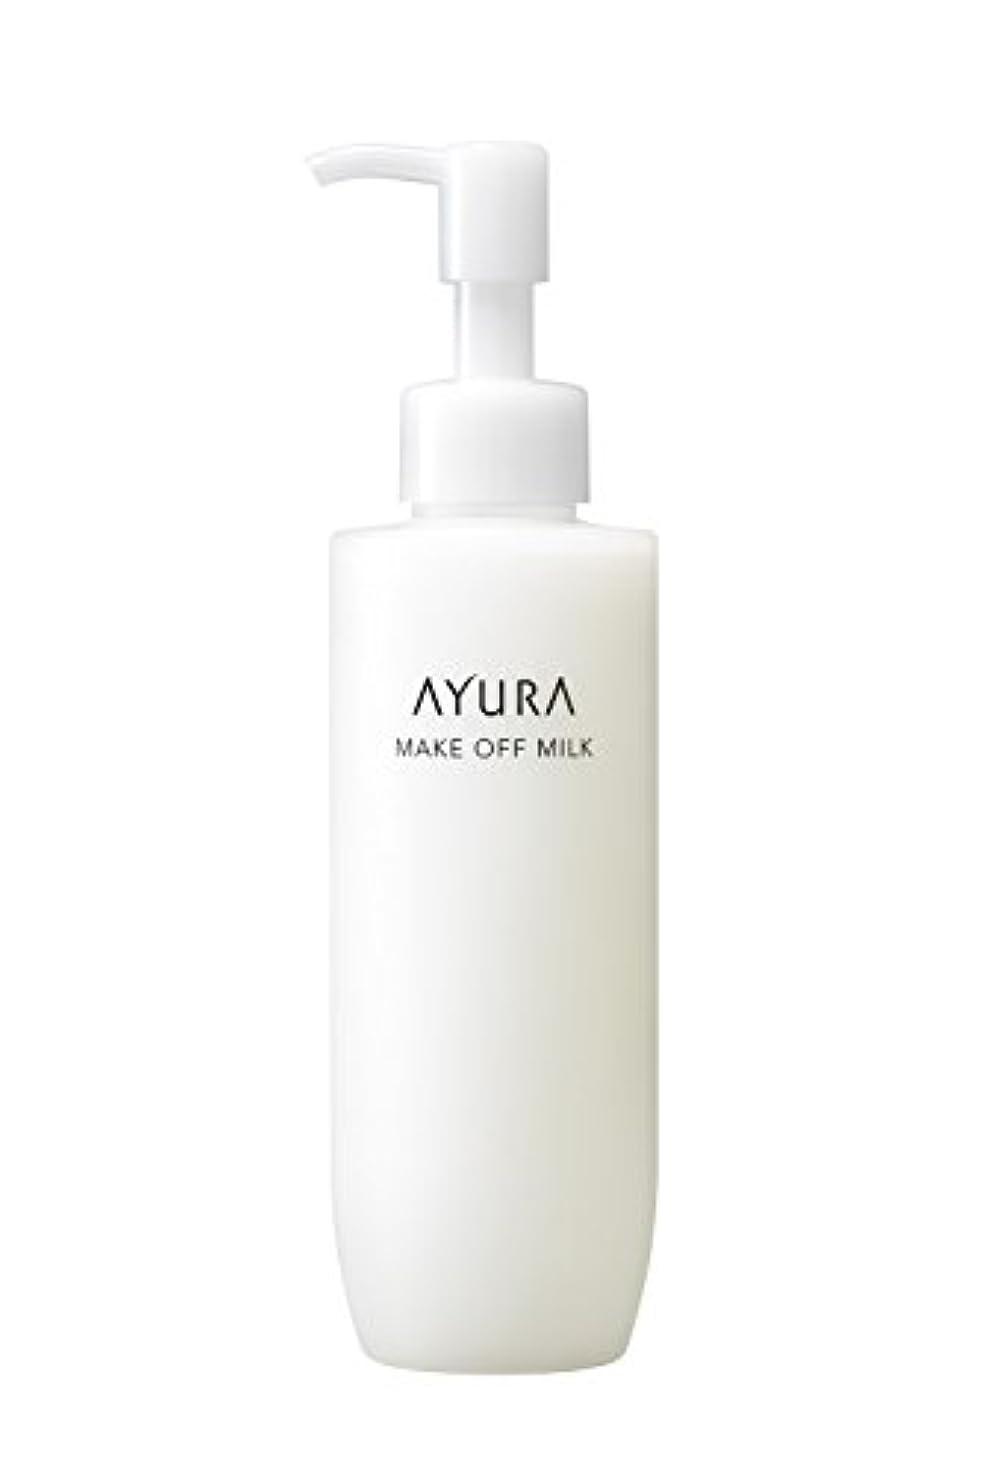 報酬の土地日焼けアユーラ (AYURA) メークオフミルク < メイク落とし > 170mL 肌をいたわりながらしっかりオフするミルクタイプ